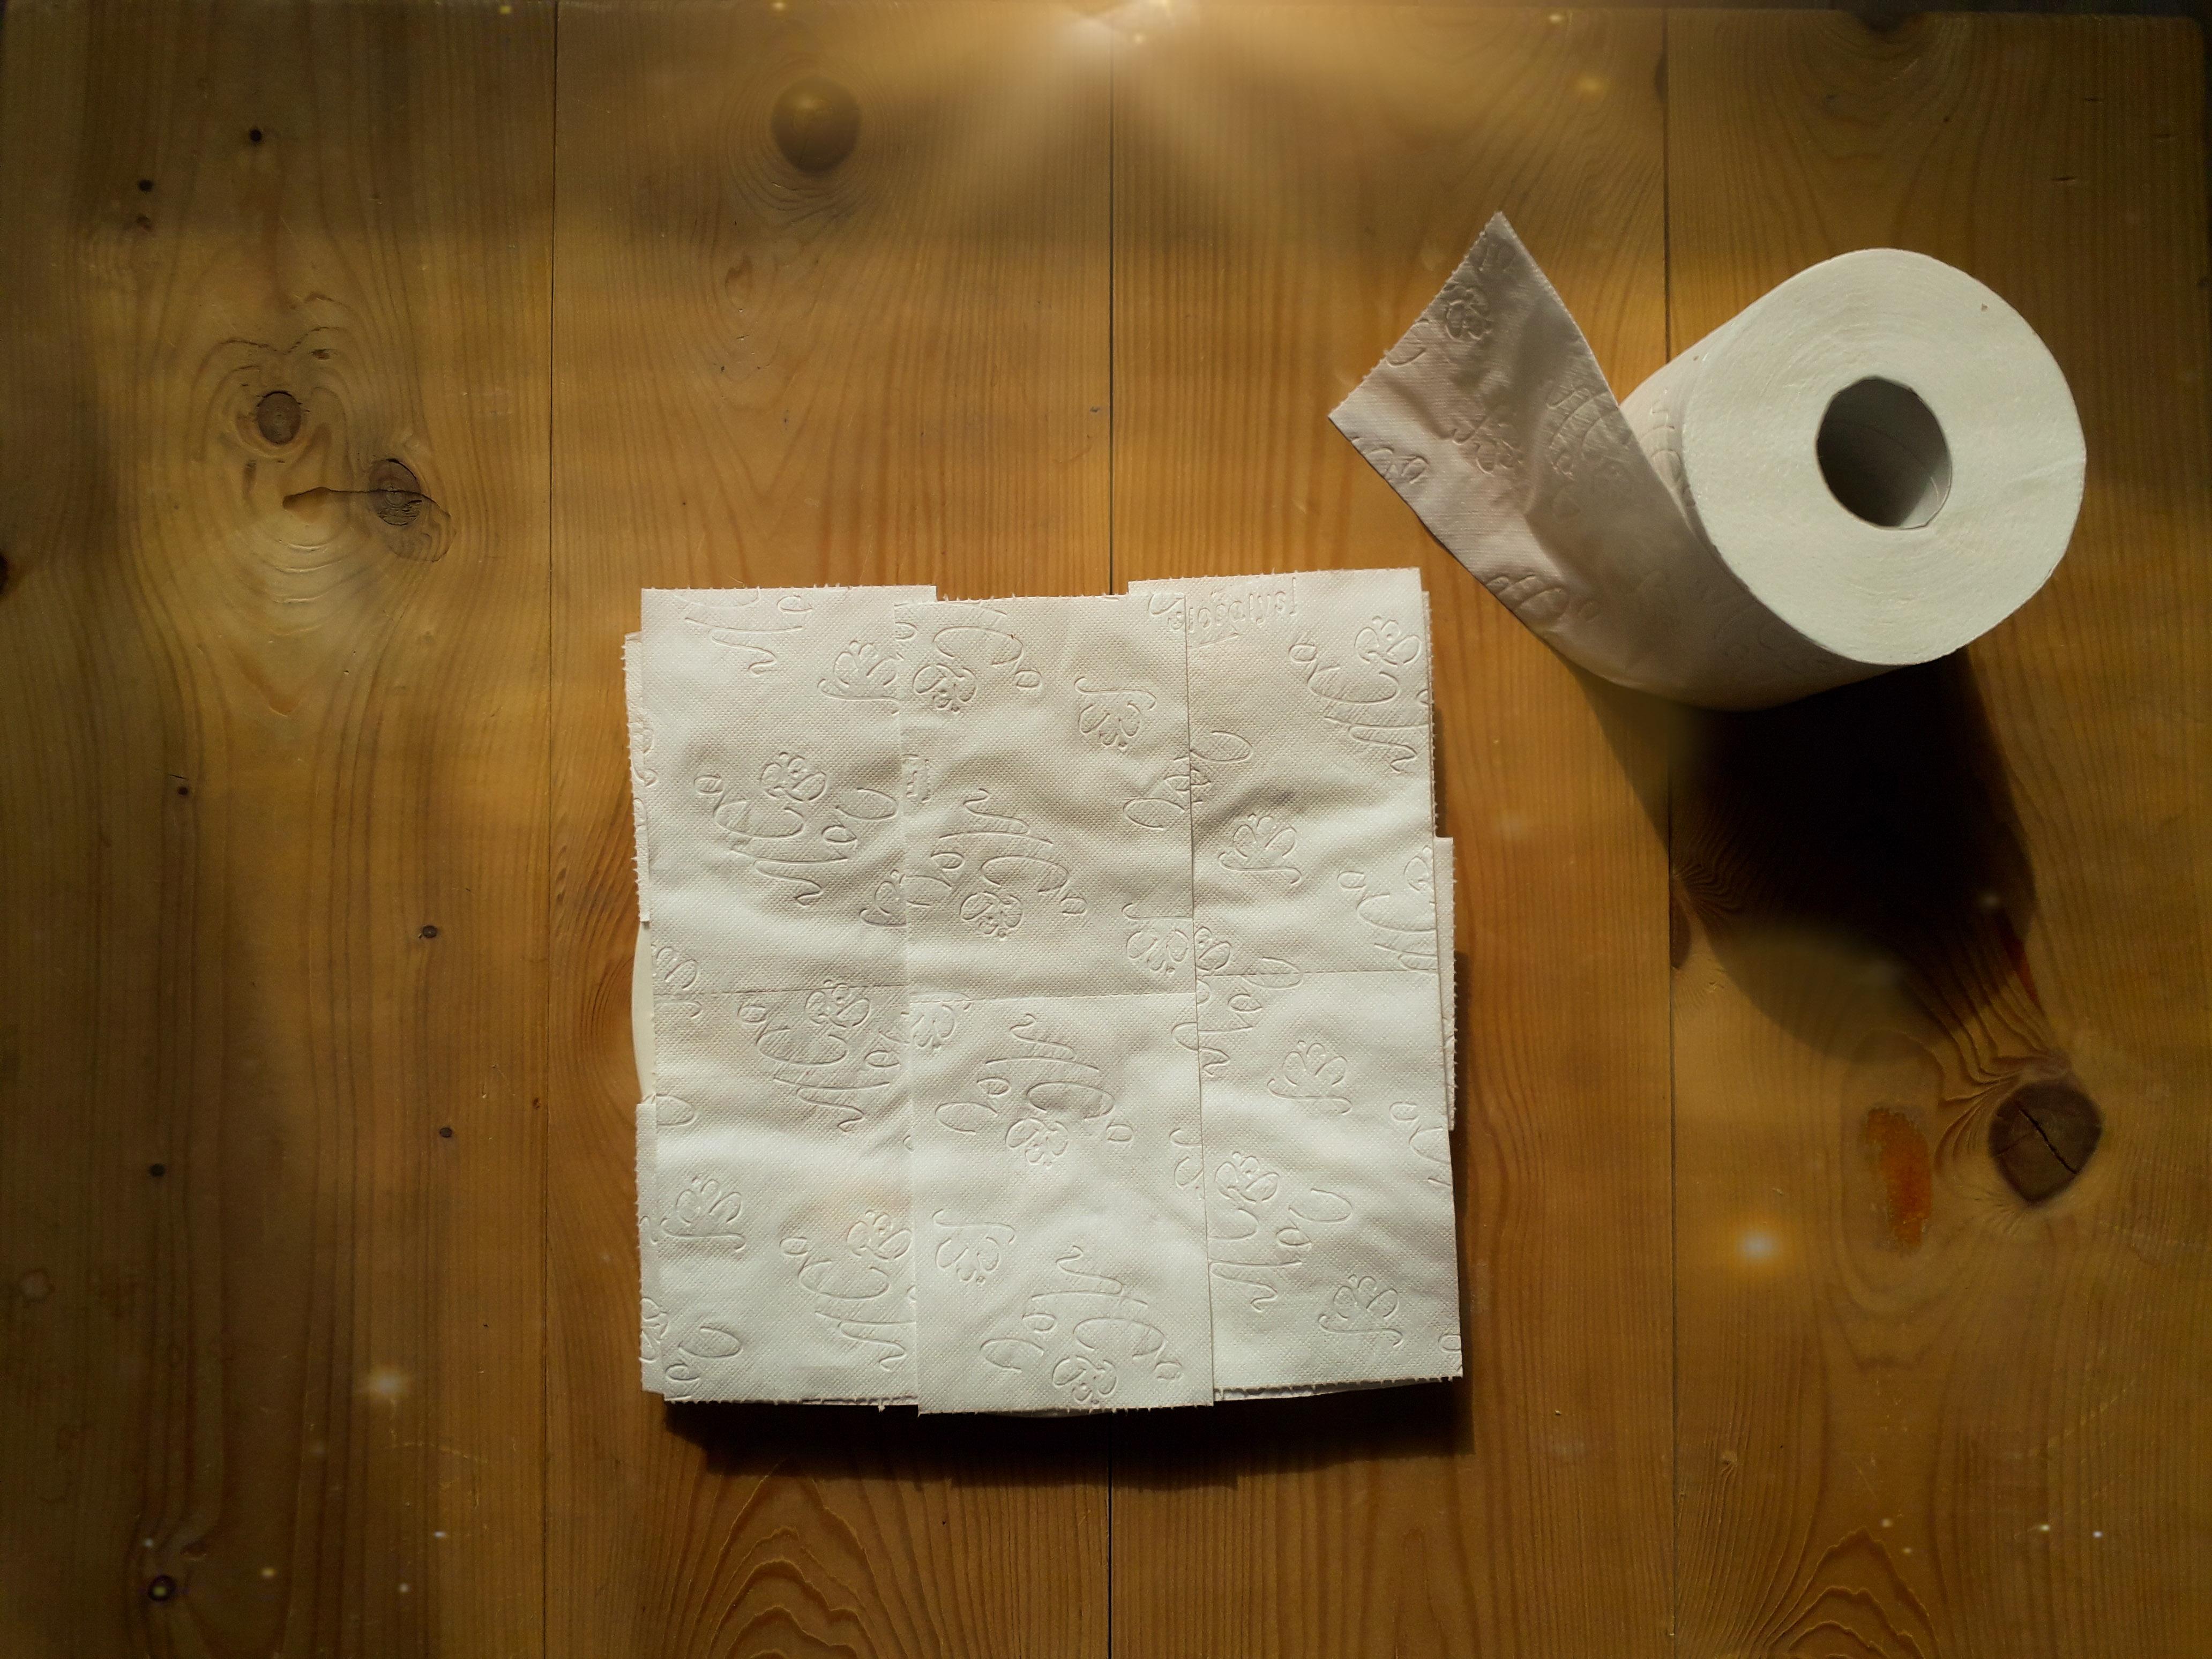 Een voorbeeld van magische truffels afgedekt met wc papier